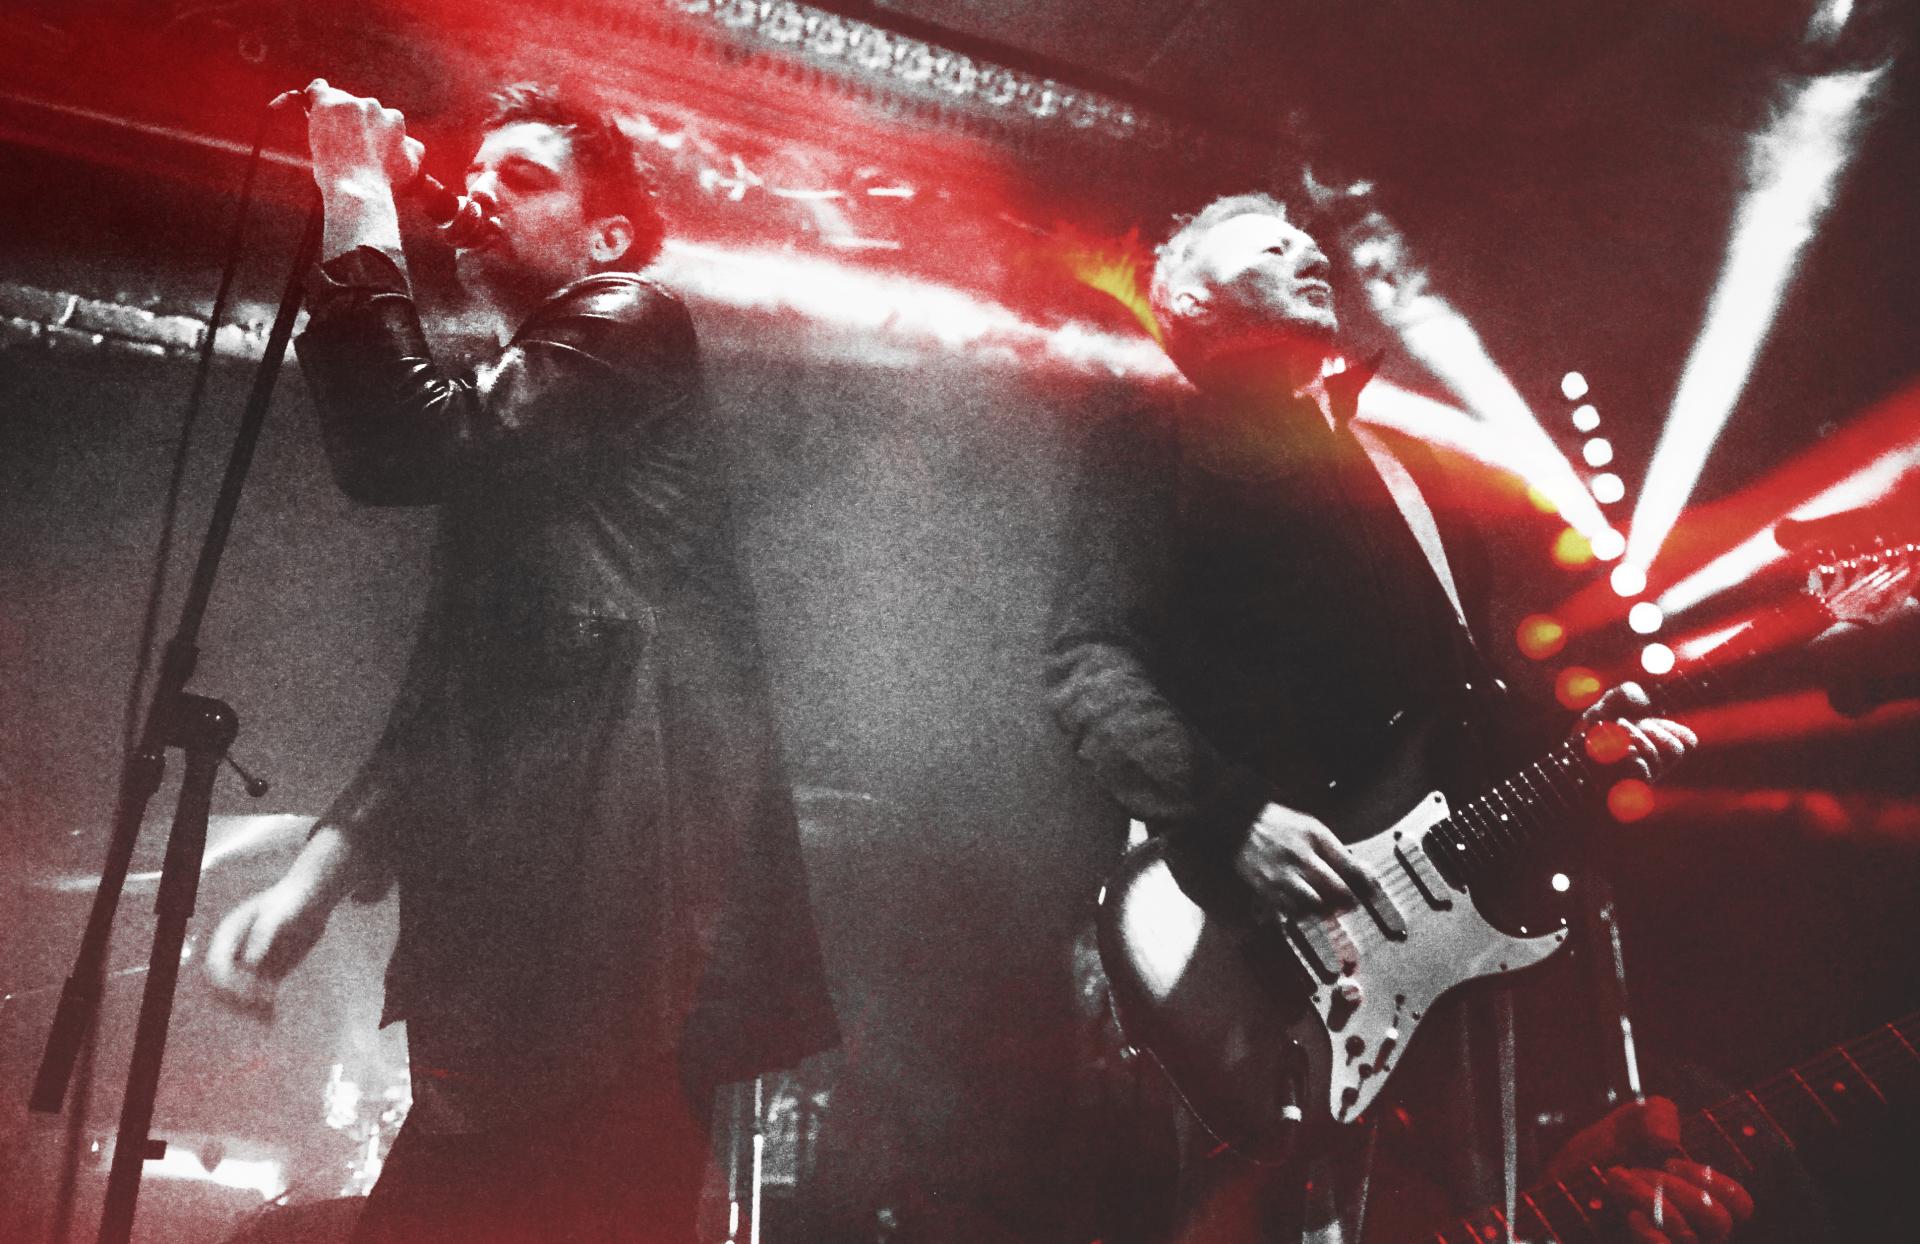 元祖UKポストパンク・バンド 、ギャング・オブ・フォーが6年振りに来日決定